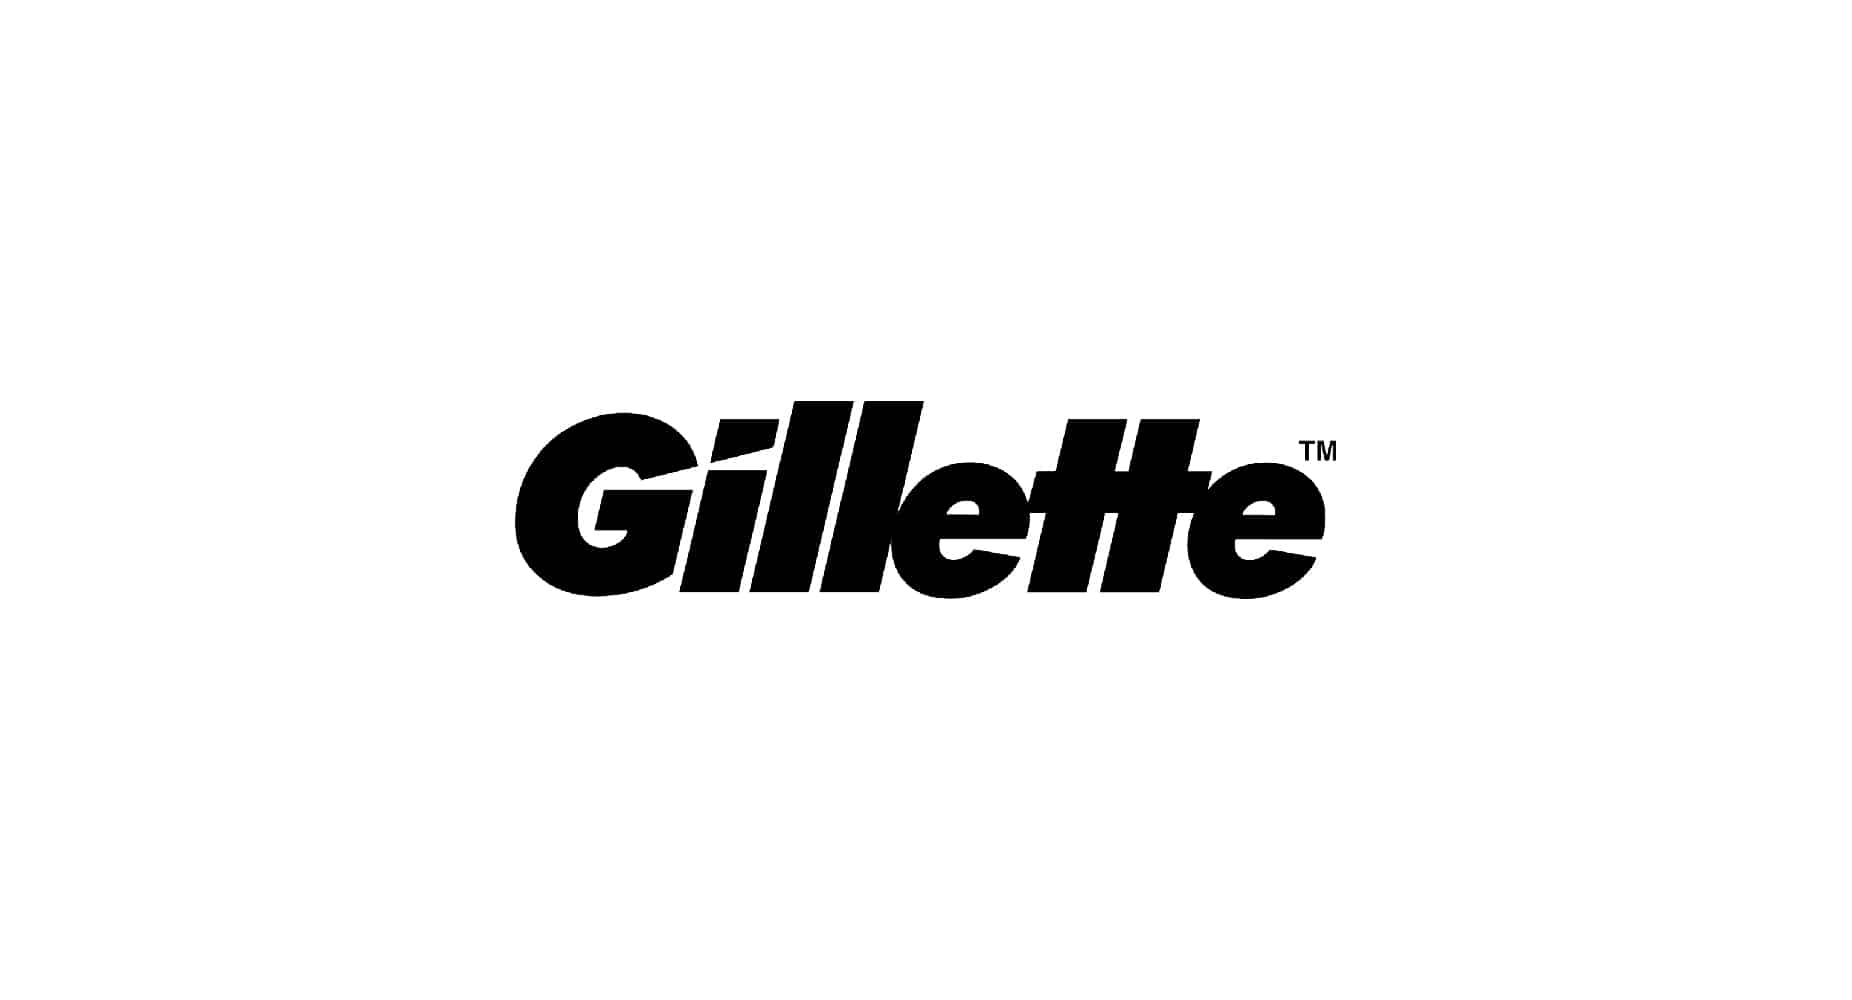 gillette logo design